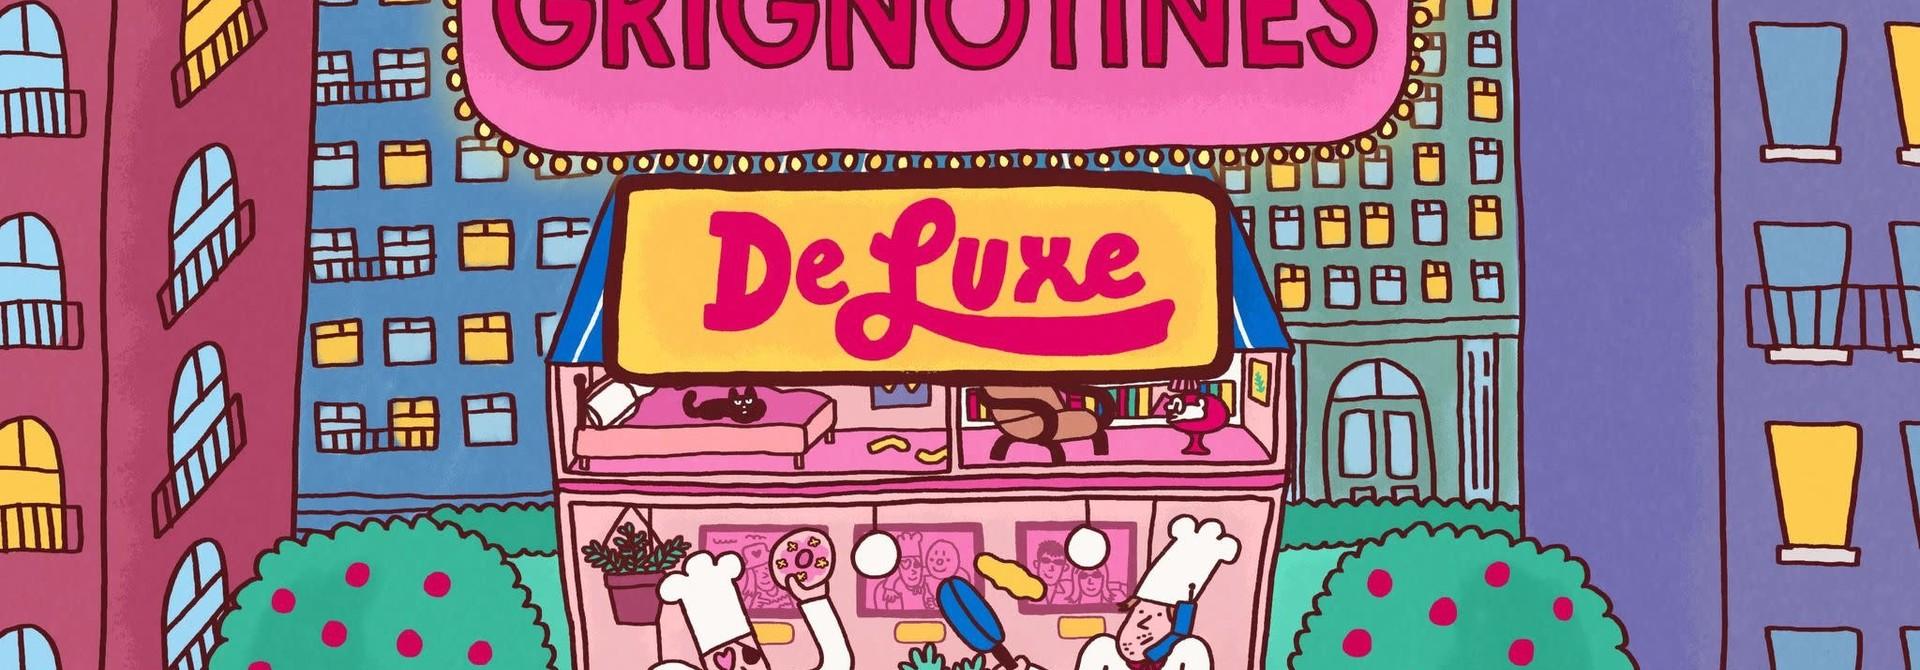 FouKi • Grignotines de Luxe (édition couleur)